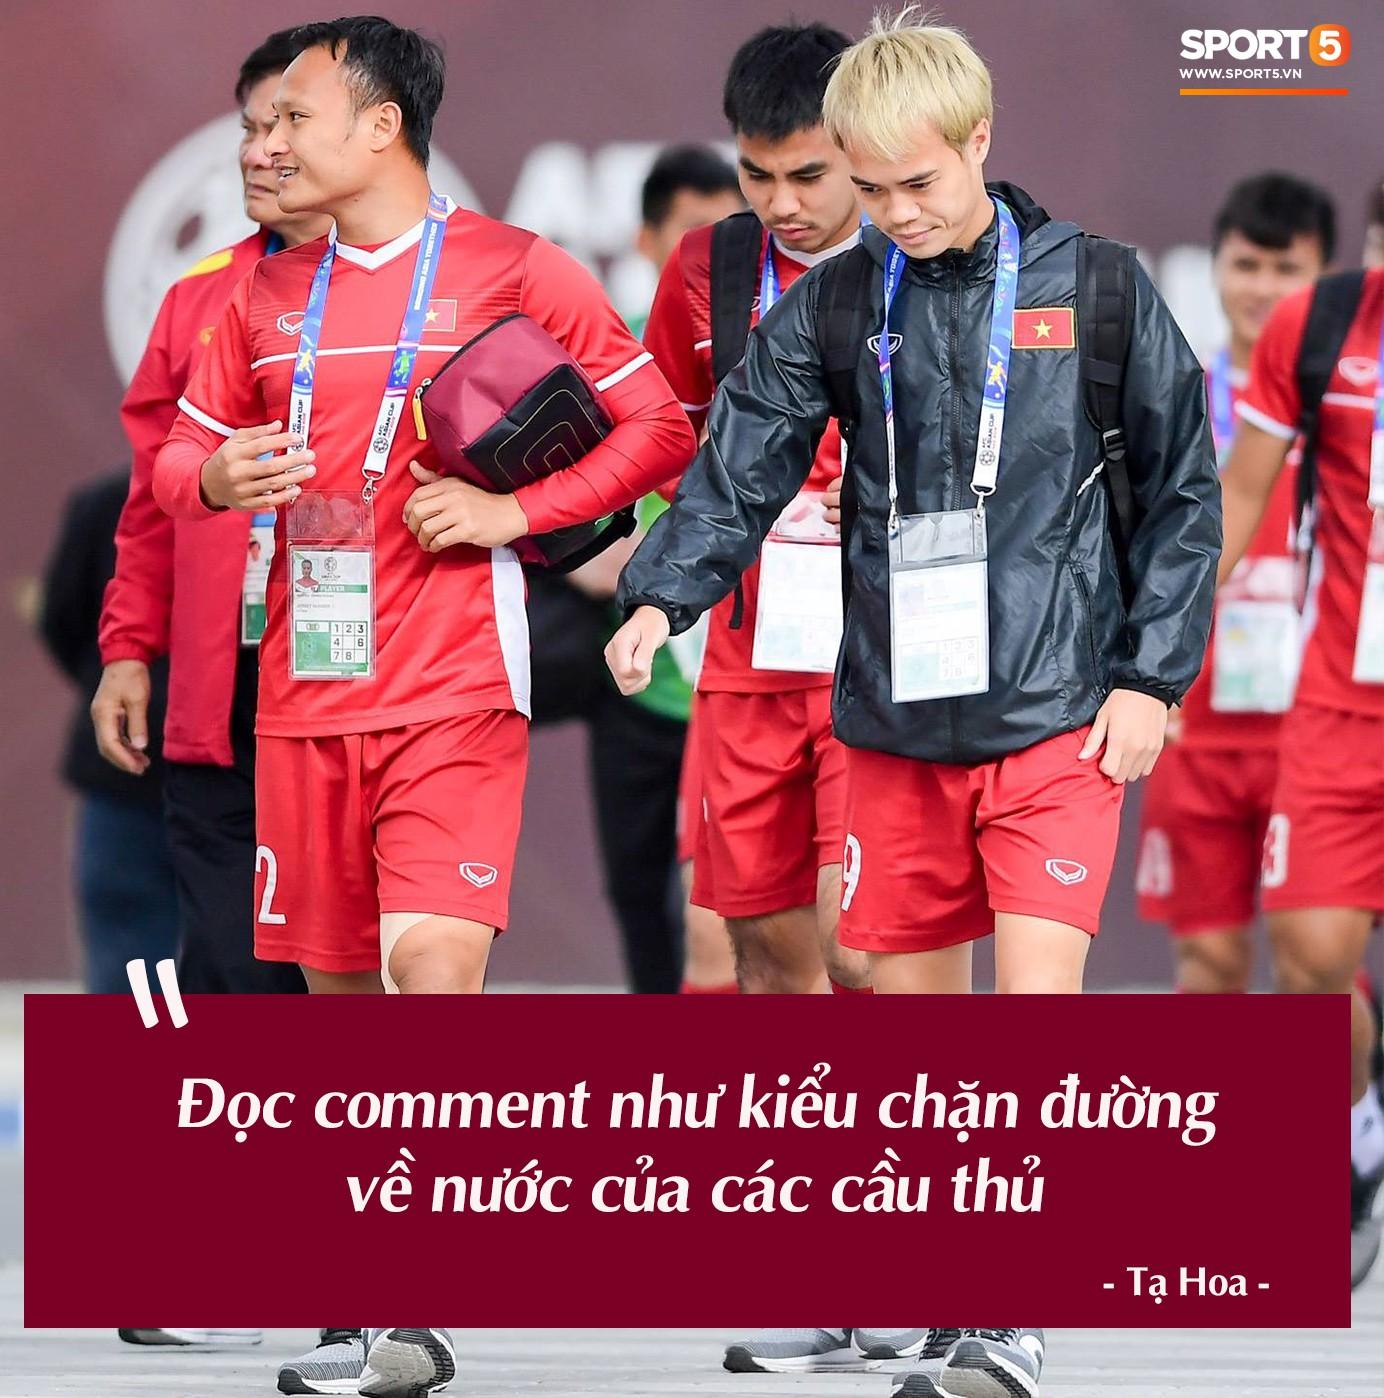 Trước vòng đấu loại trực tiếp Asian Cup 2019, Đặng Văn Lâm tuyên bố: Anh sẽ về, nhưng không phải hôm nay-7